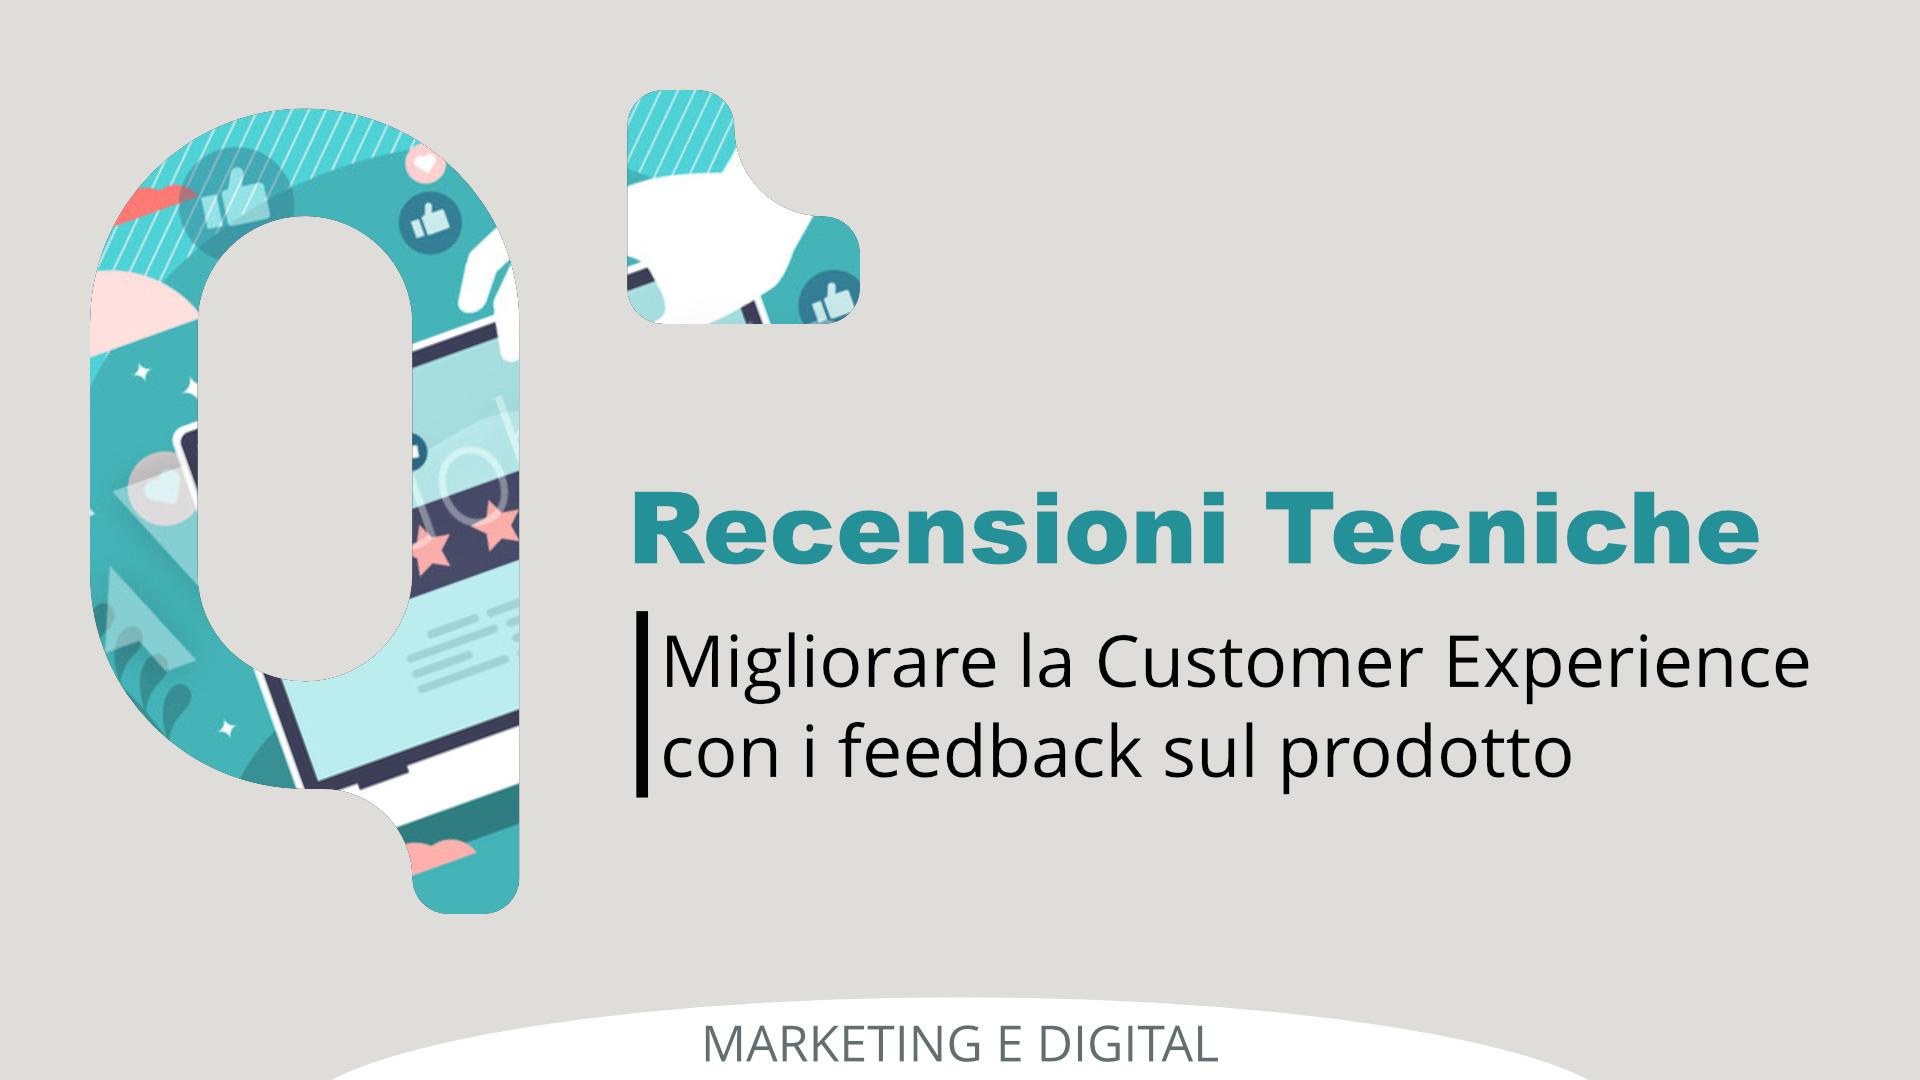 Recensioni tecniche: come raccoglierle per migliorare la customer experience